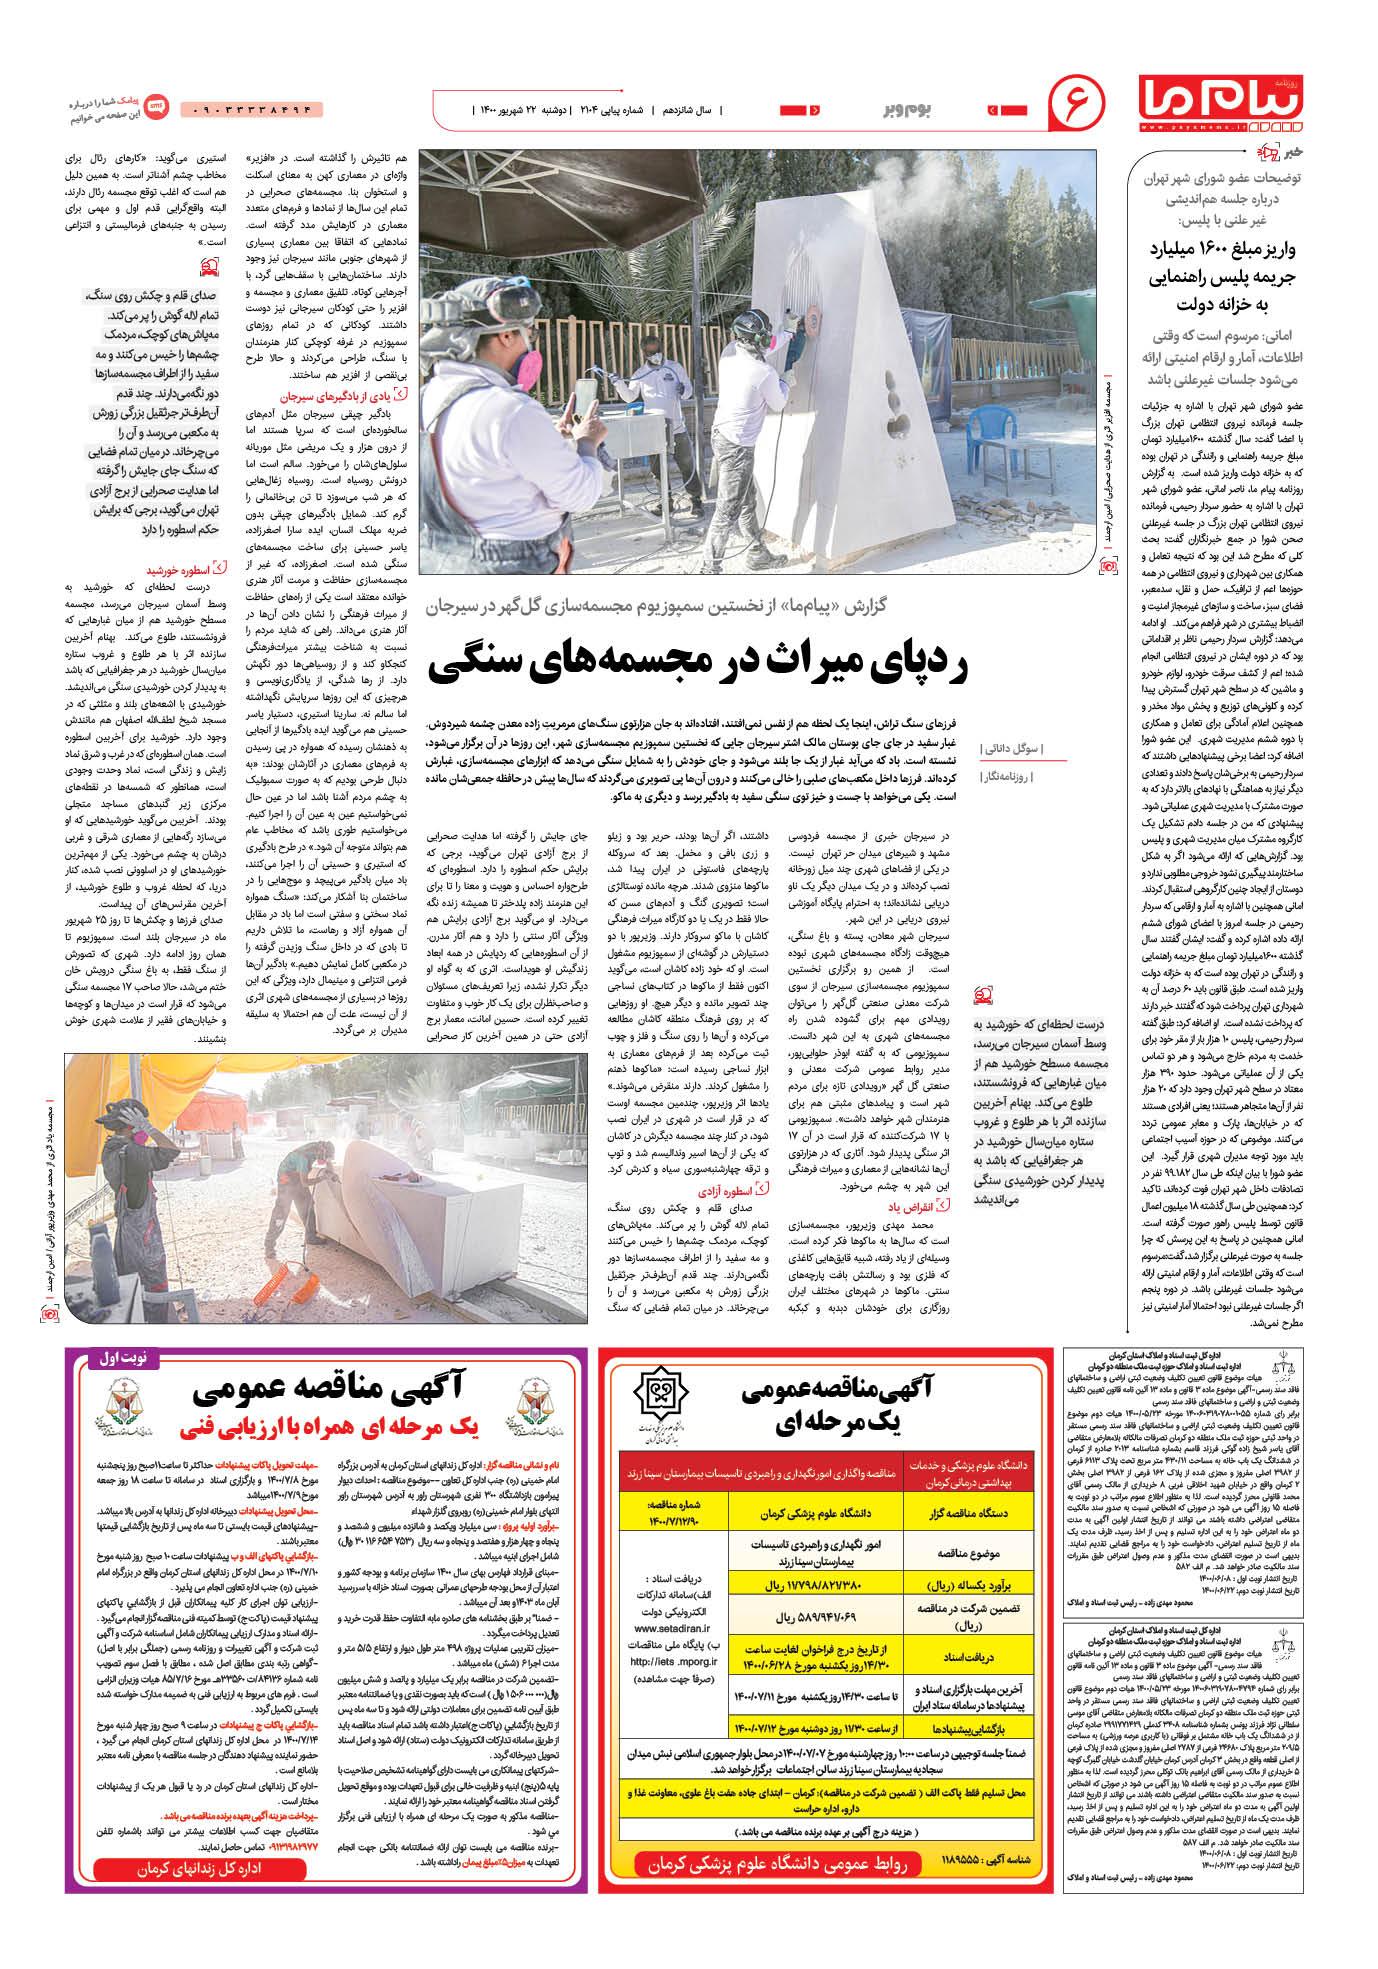 صفحه بوم و بر شماره 2104 روزنامه پیام ما